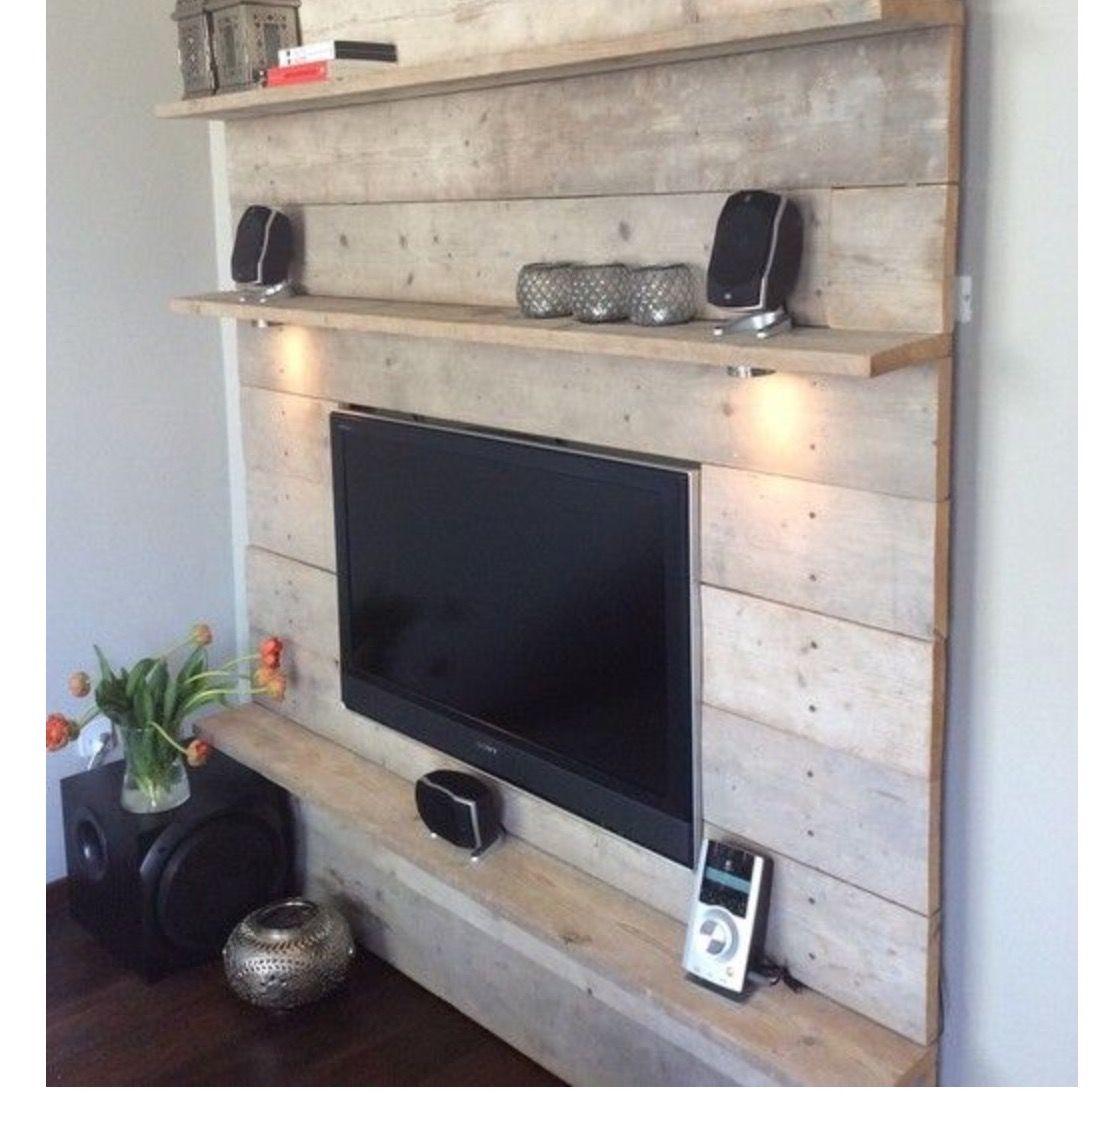 wohnzimmer einrichten diy : Pin Von Tinie Hoogvliet Auf Huis En Tuin Pinterest Fernsehwand